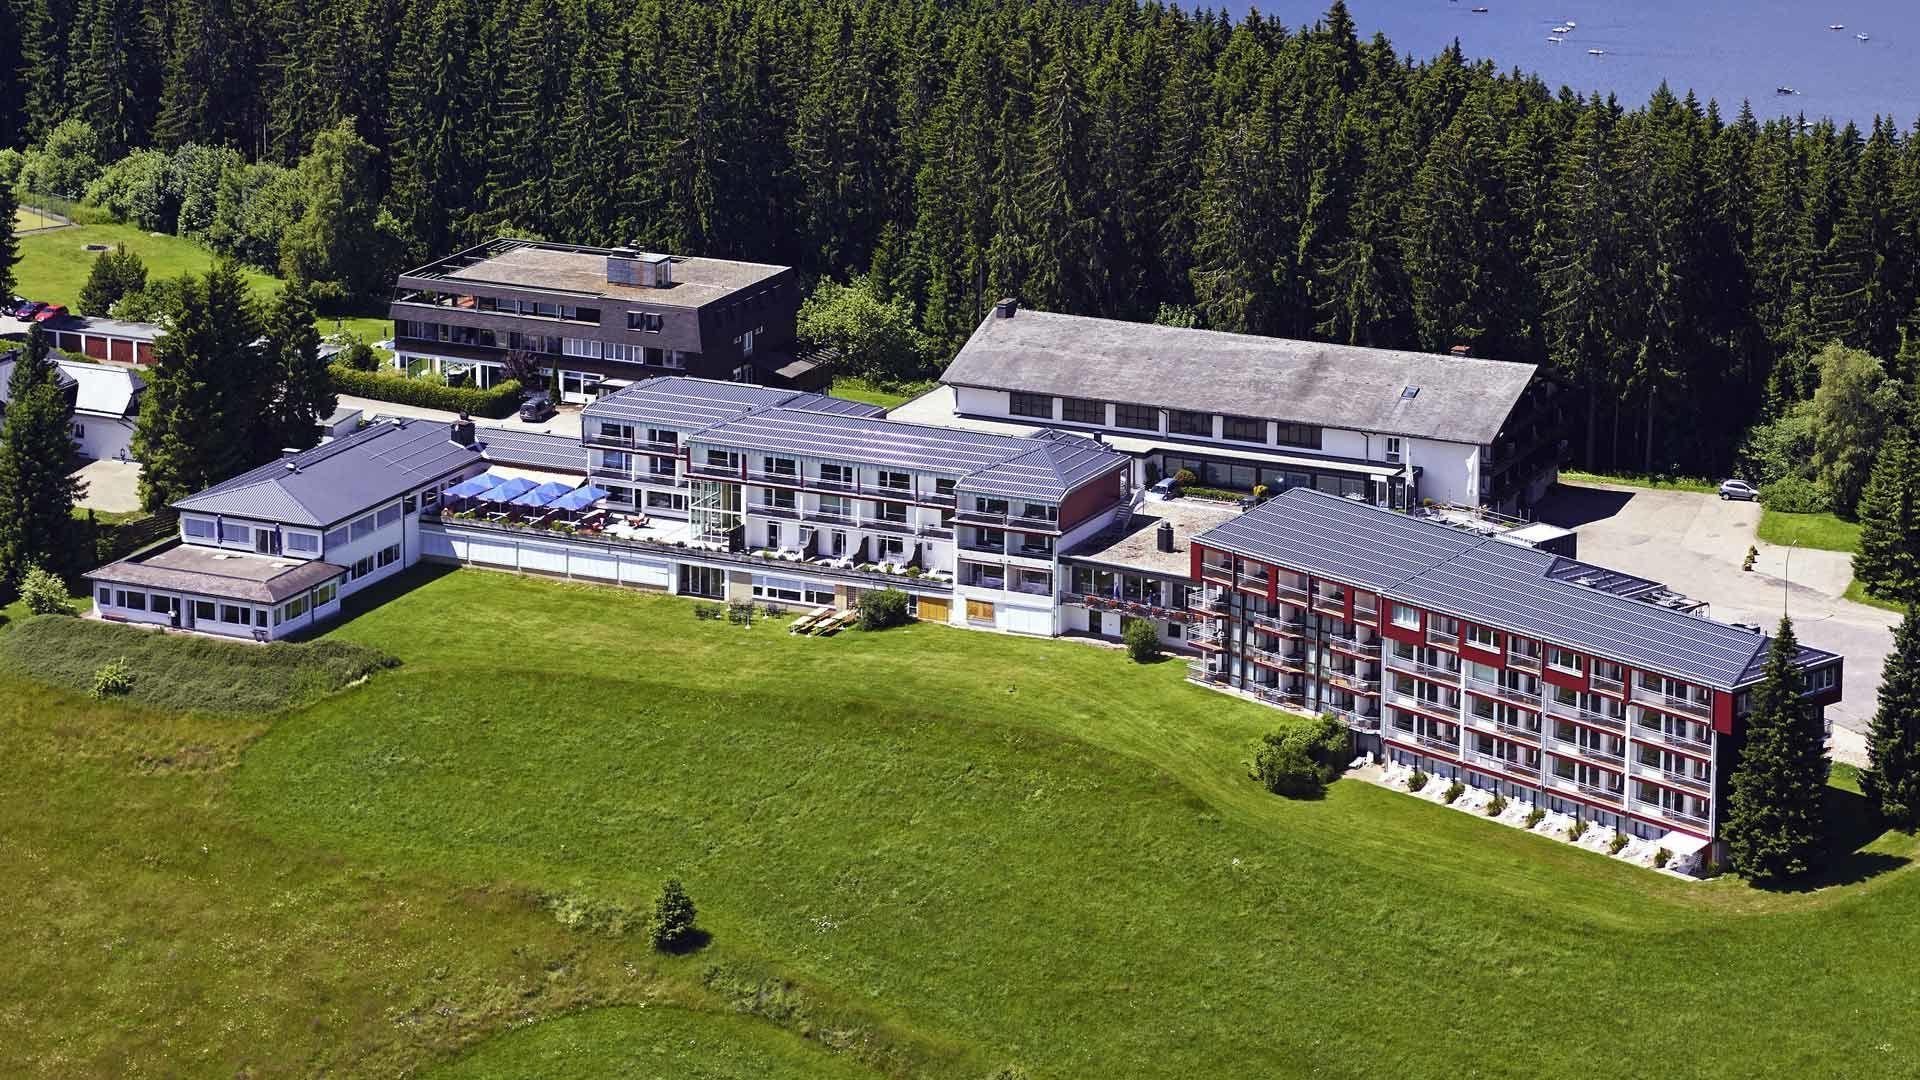 Zimmer Und Preise Hotel Saigerhoh In Lenzkirch Im Schwarzwald Idees Week End Idee